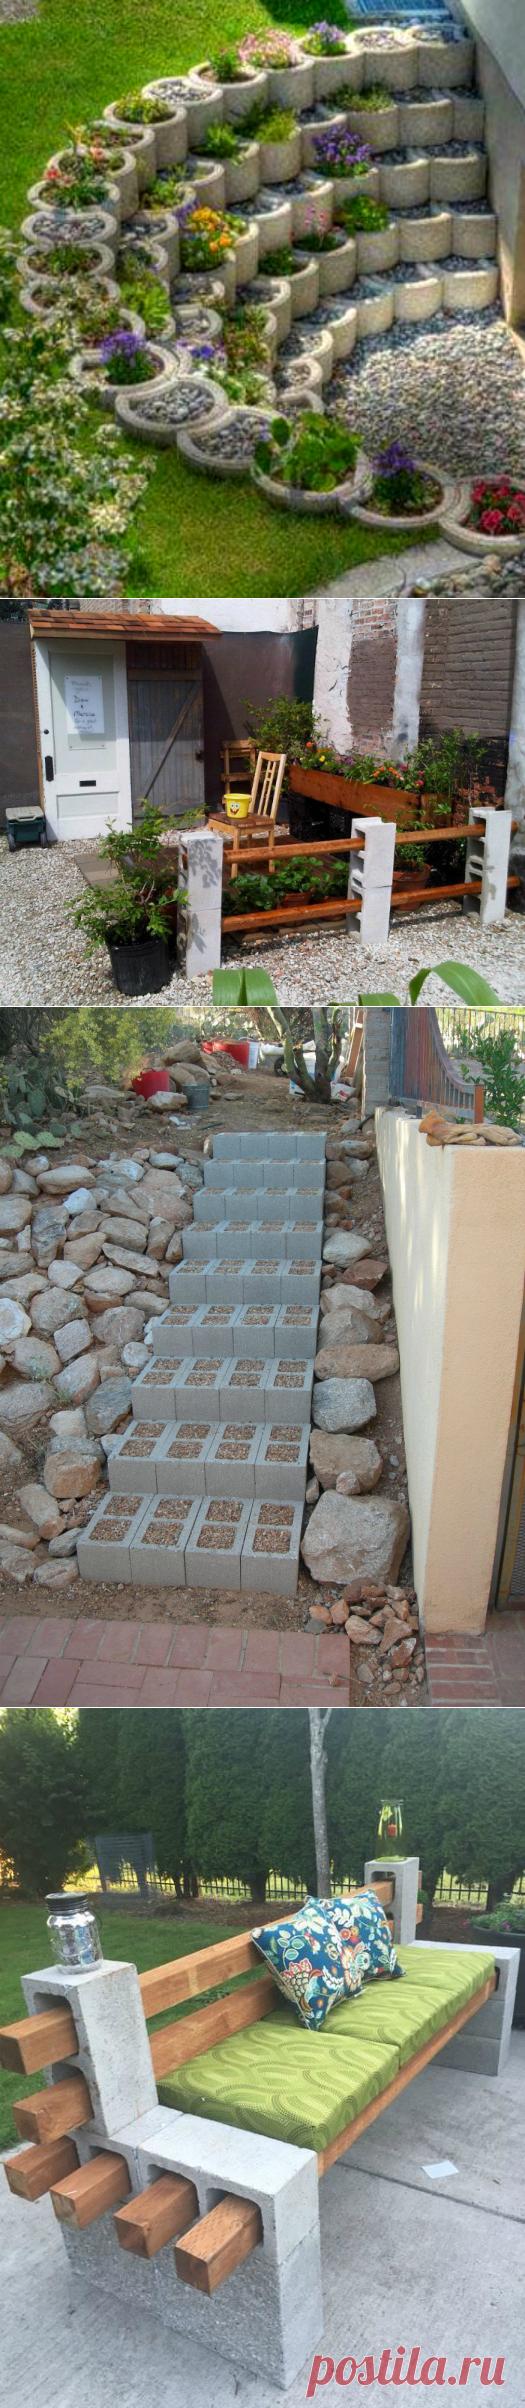 17 идей использования шлакоблоков и кирпича для обустройства сада